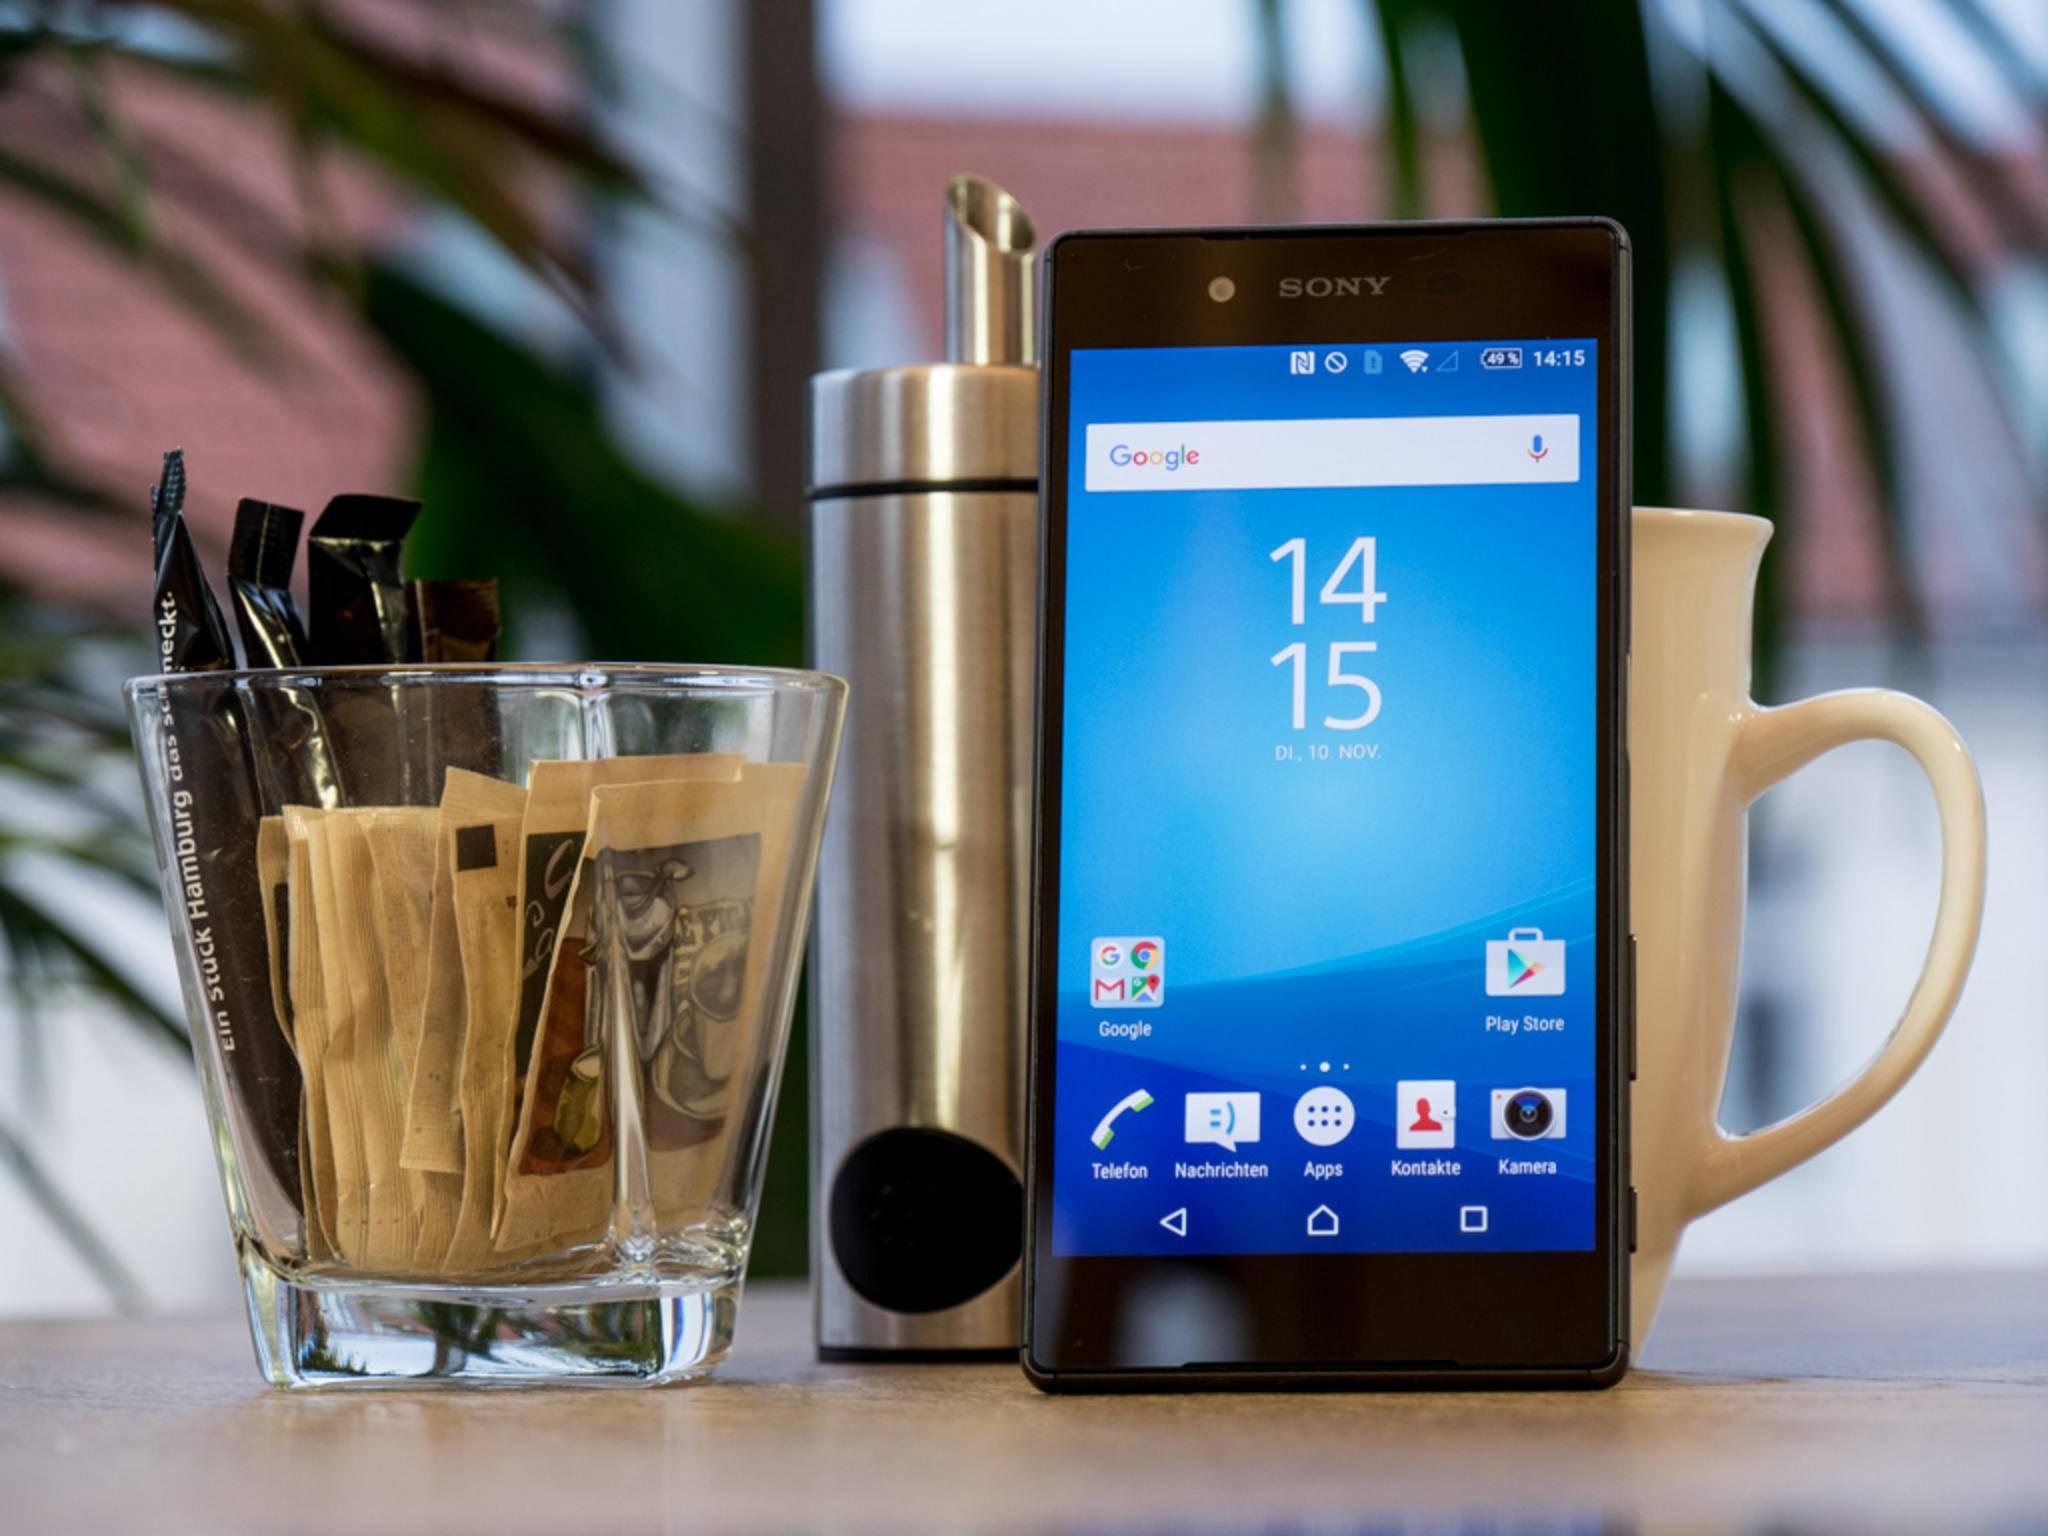 Das Sony Xperia Z5 wurde auf der IFA 2015 enthüllt.